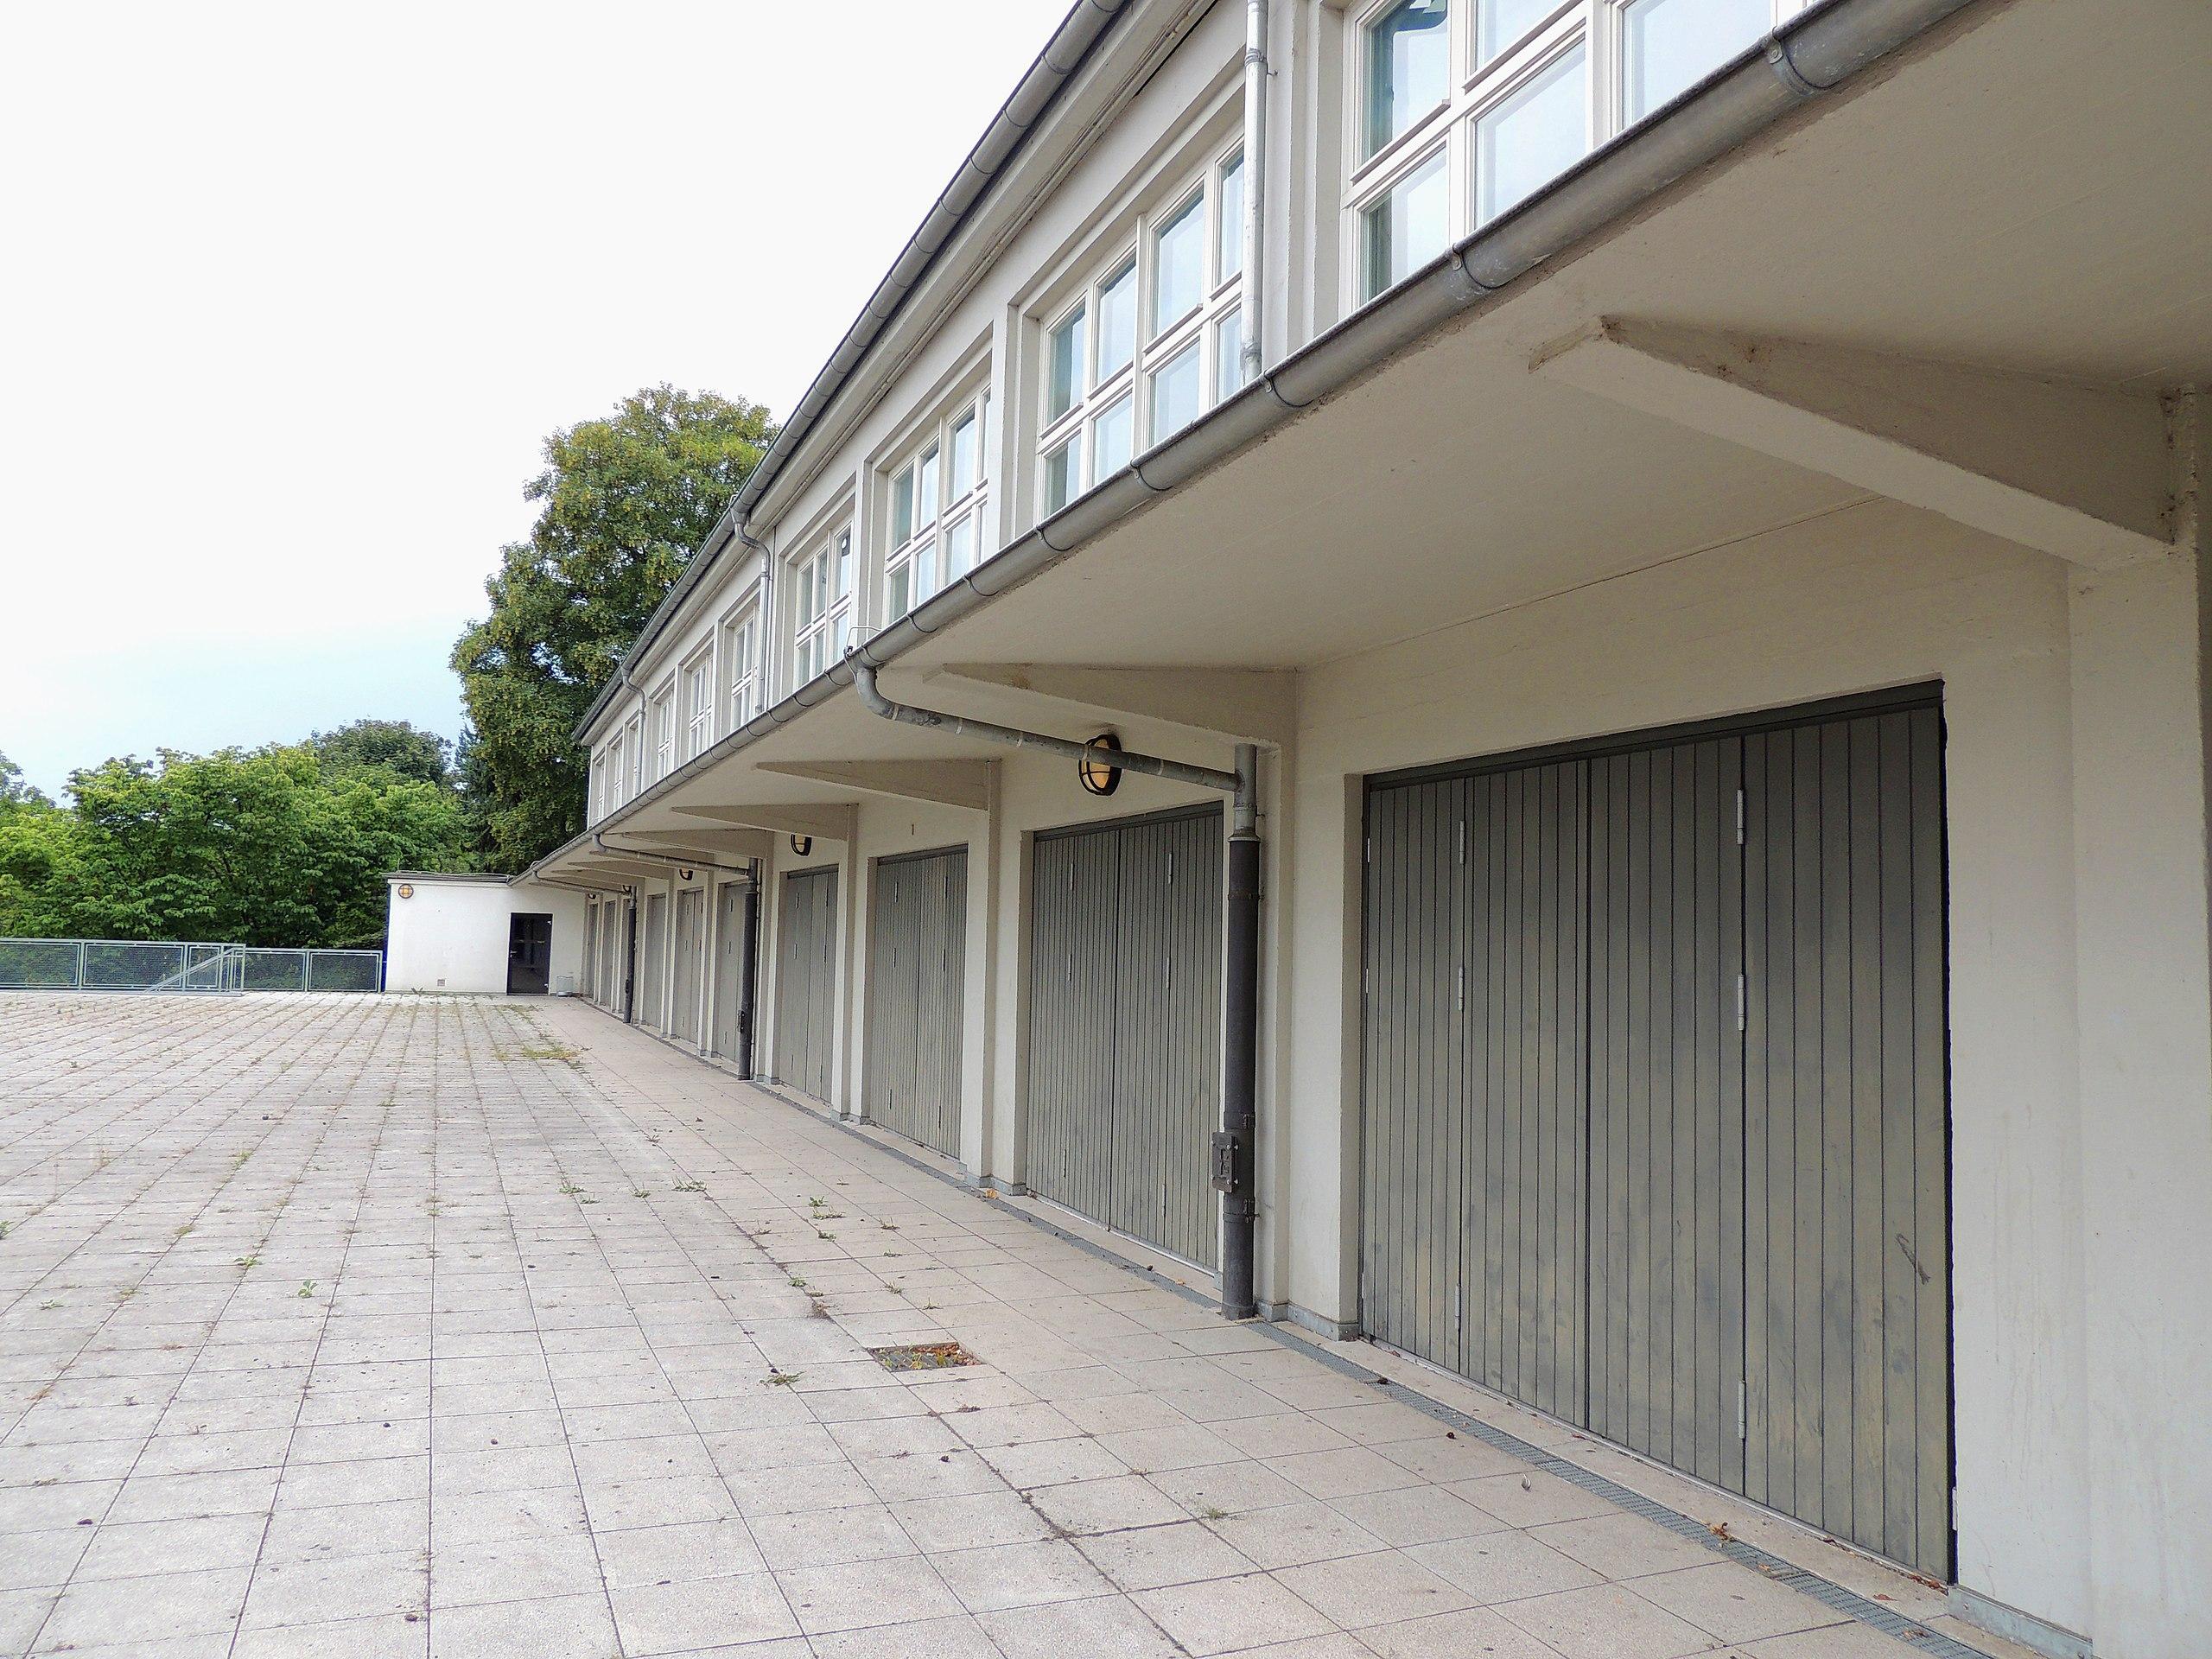 DateiBornheimer Hang Siedlung Hallgartenschule Terrasse Aula ...